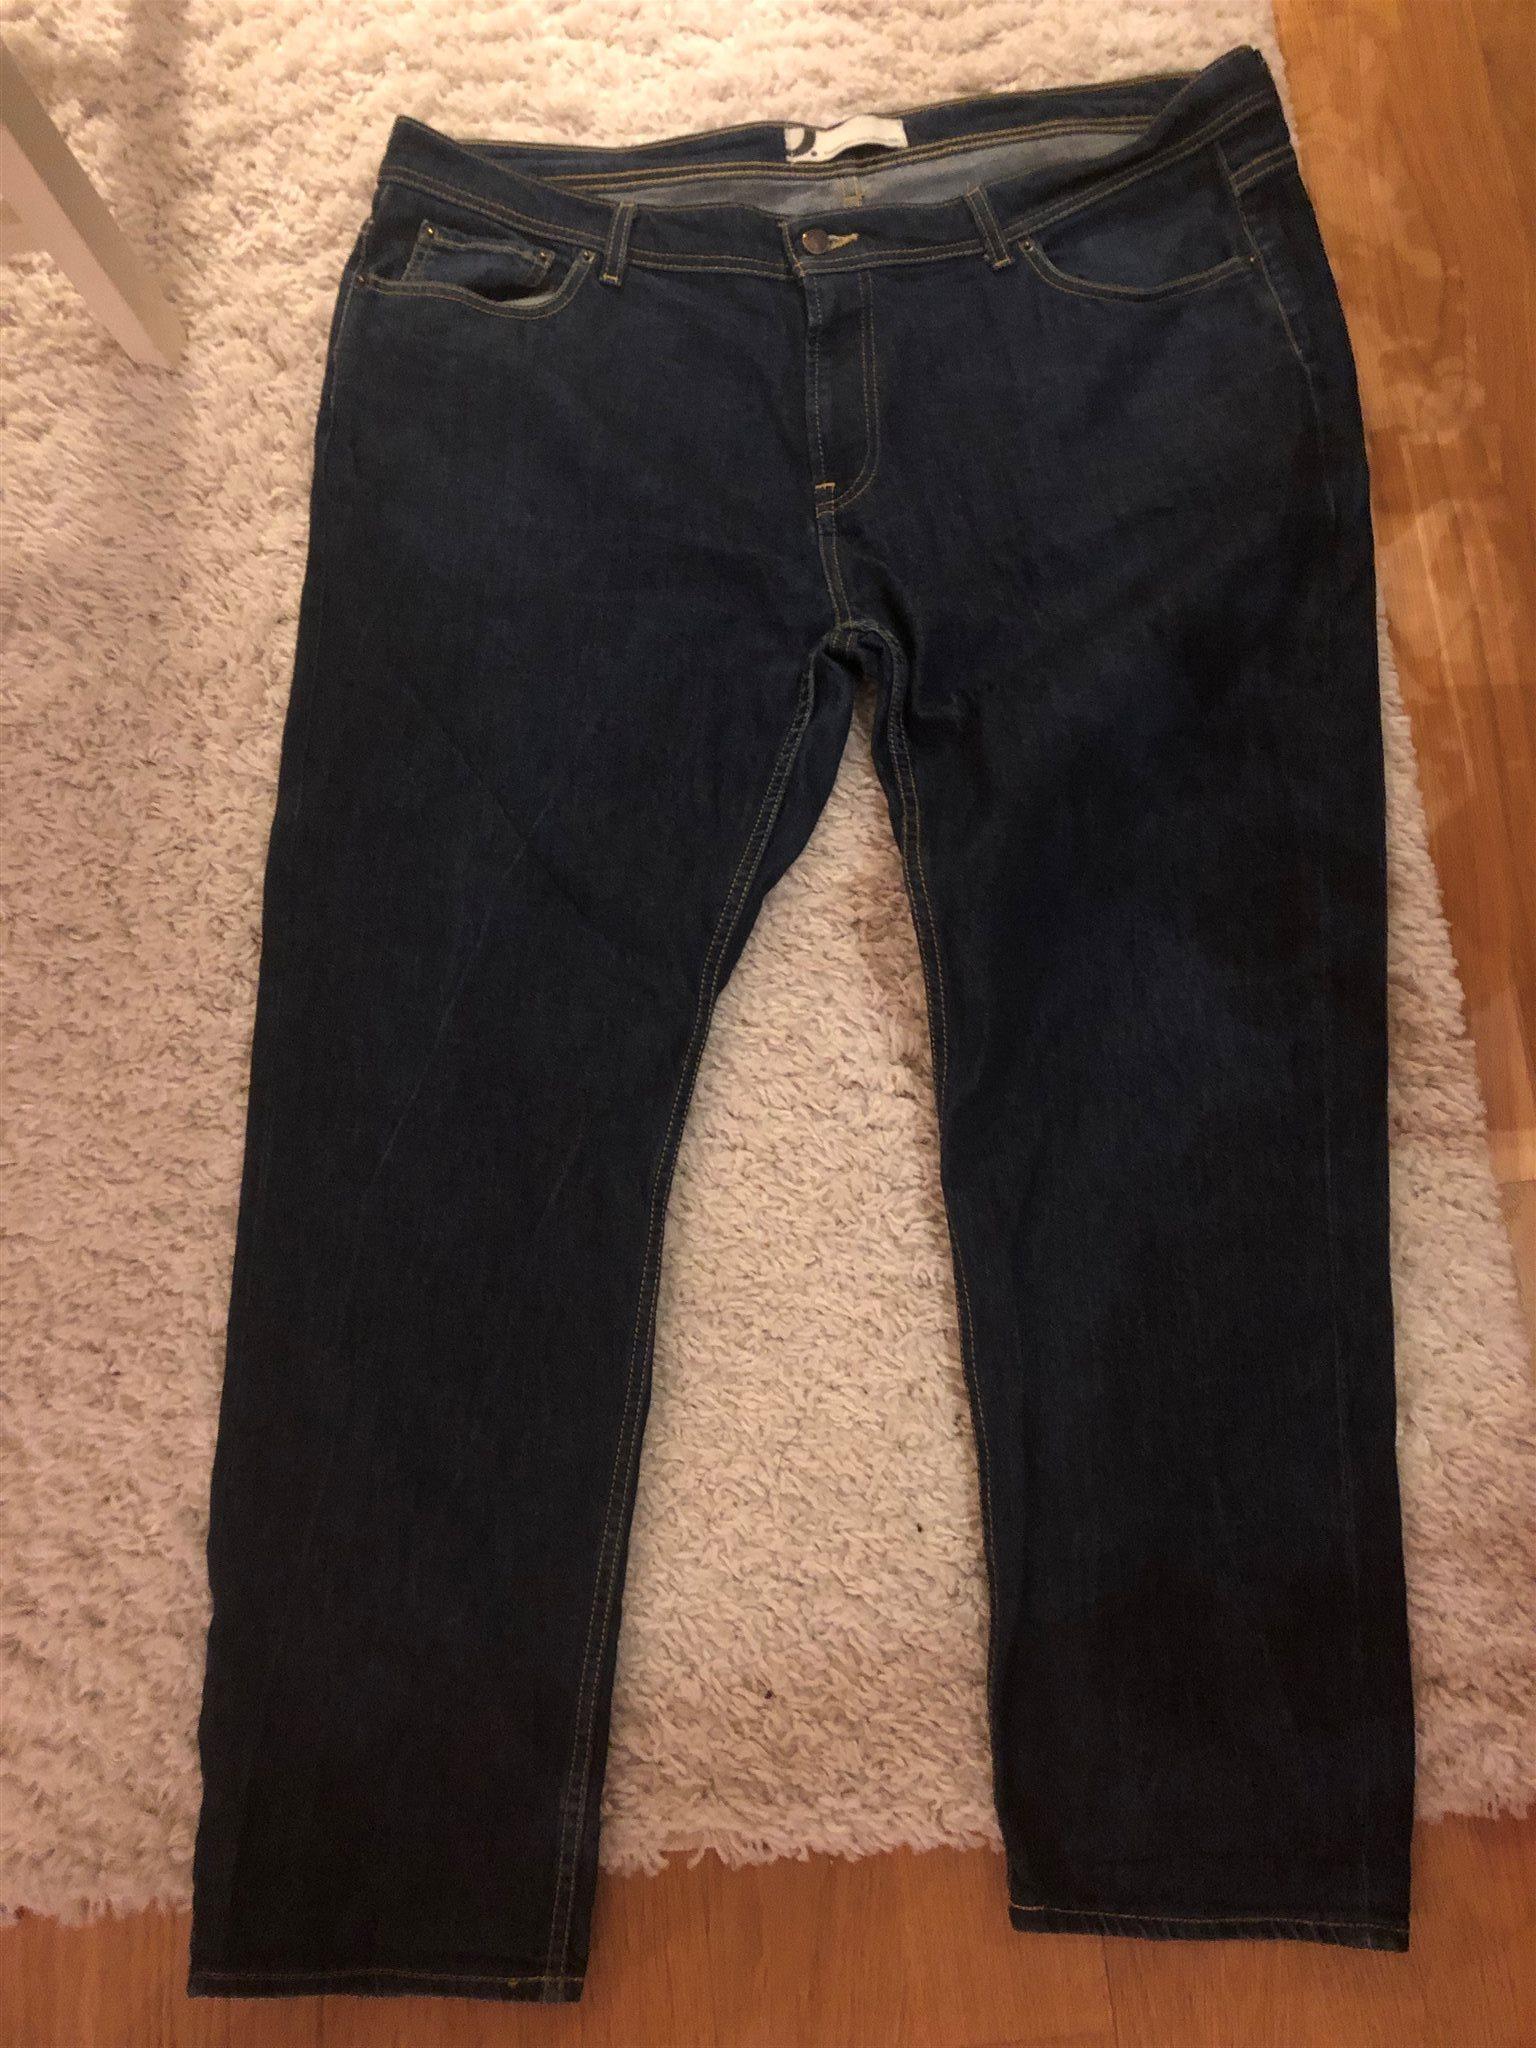 Jeans från Dressman Dressman Dressman stl. 42-32 f6d027